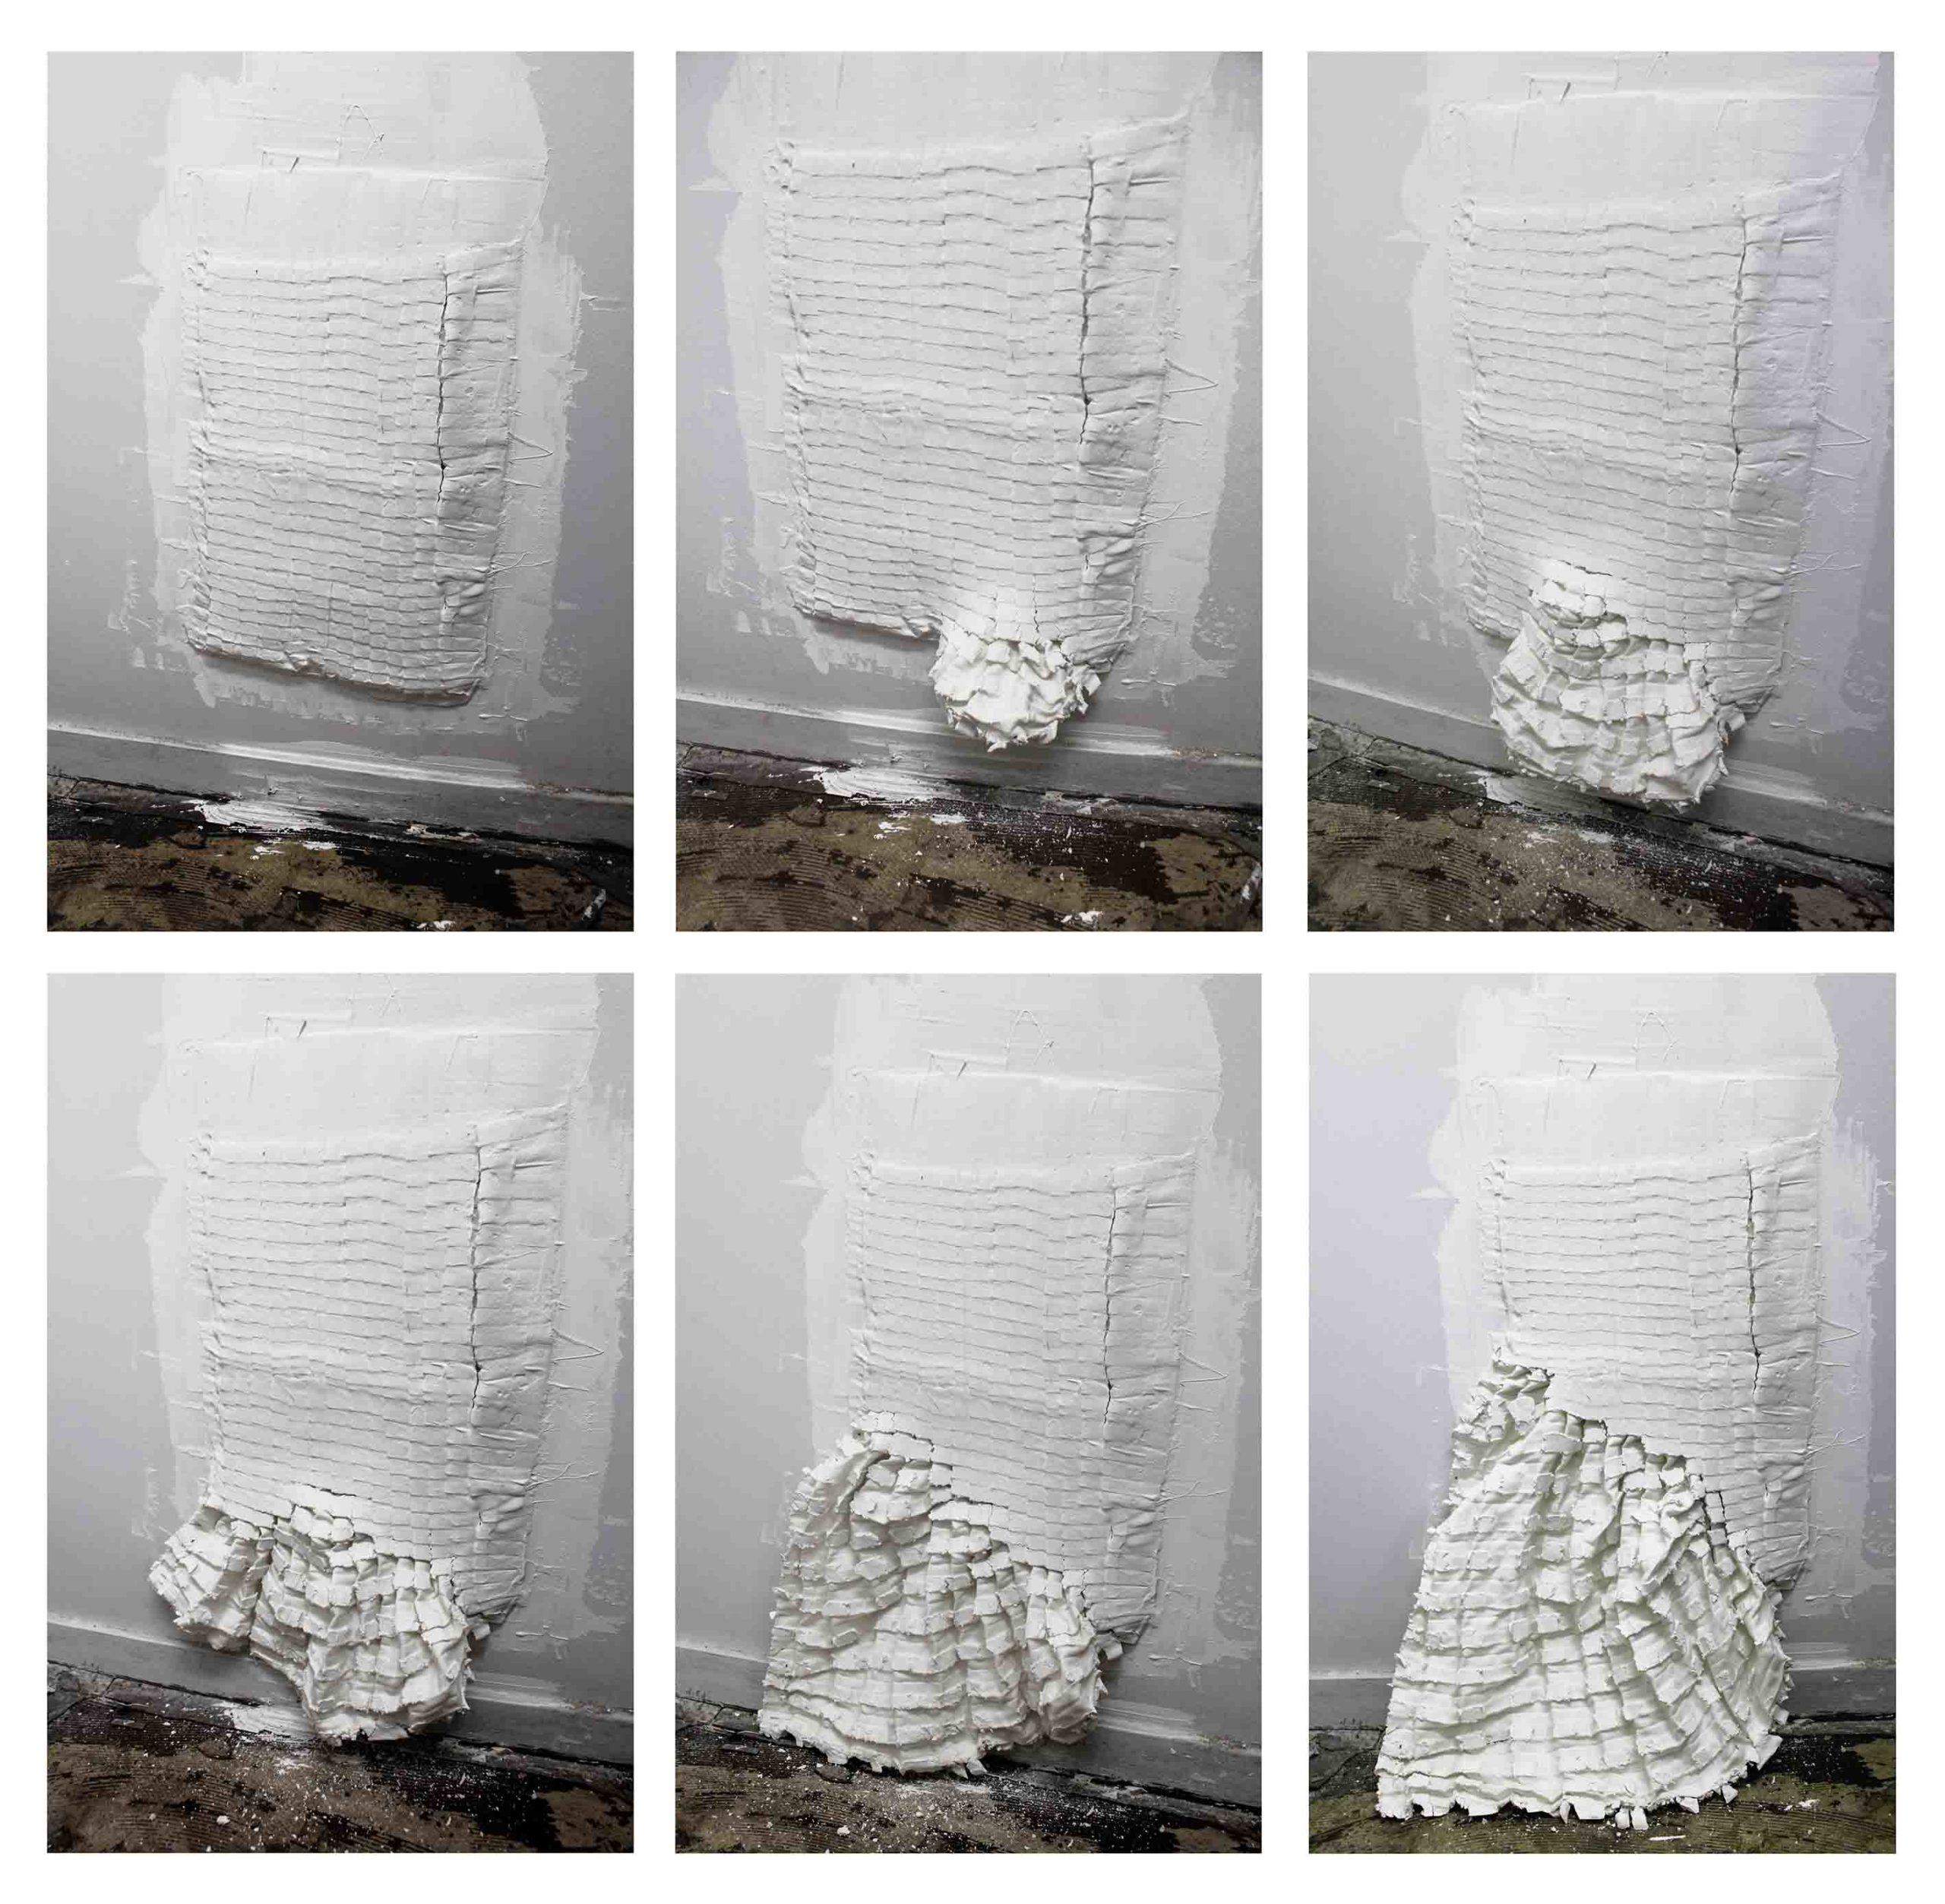 plis mur 2-2